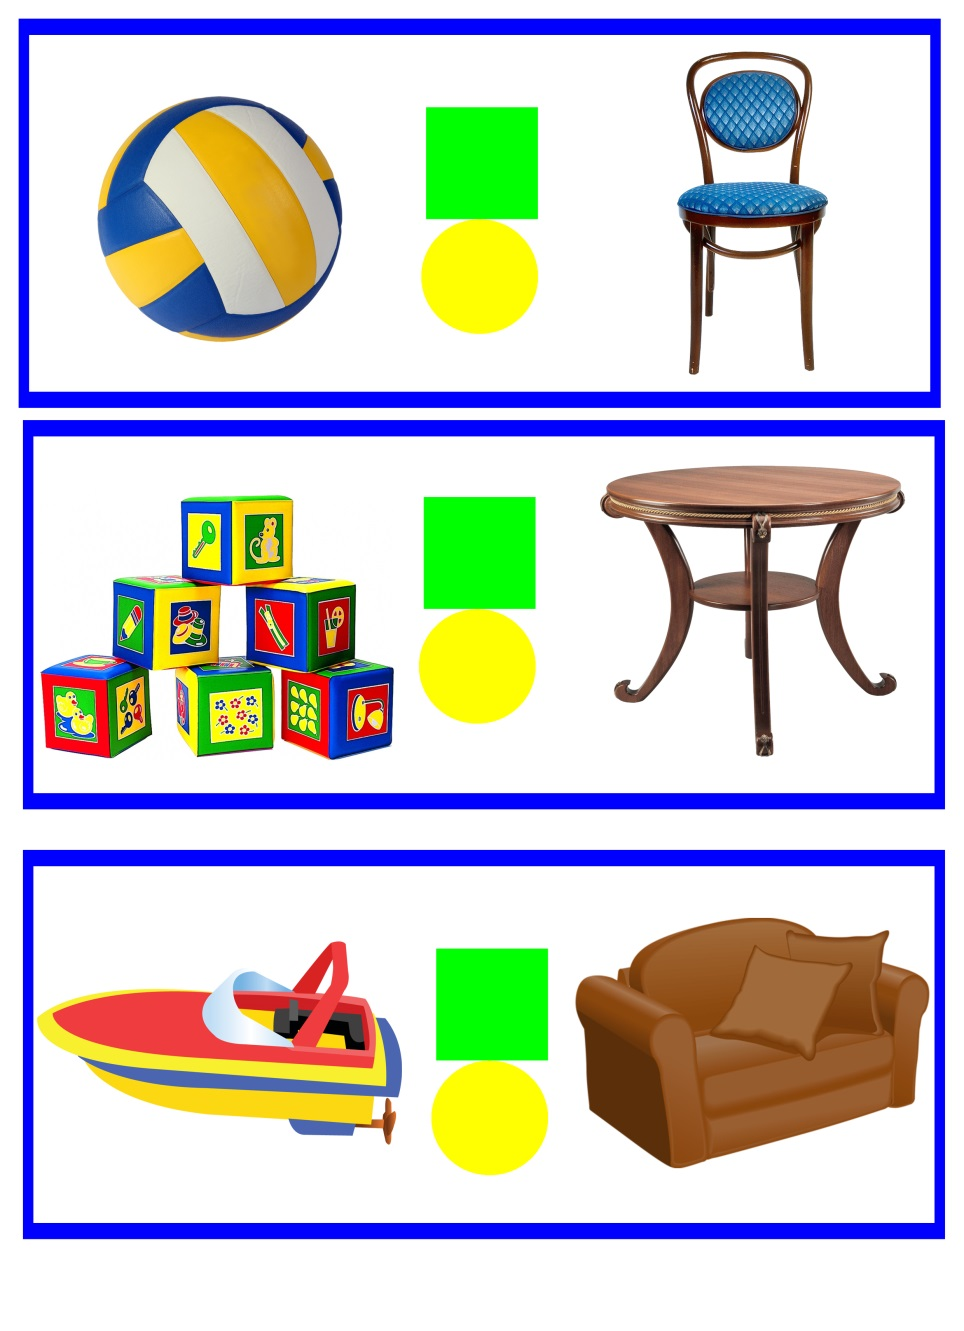 D:\Детский сад\Дидактические игры\Игрушки\Где игрушки - схемы предлогов\1.jpg